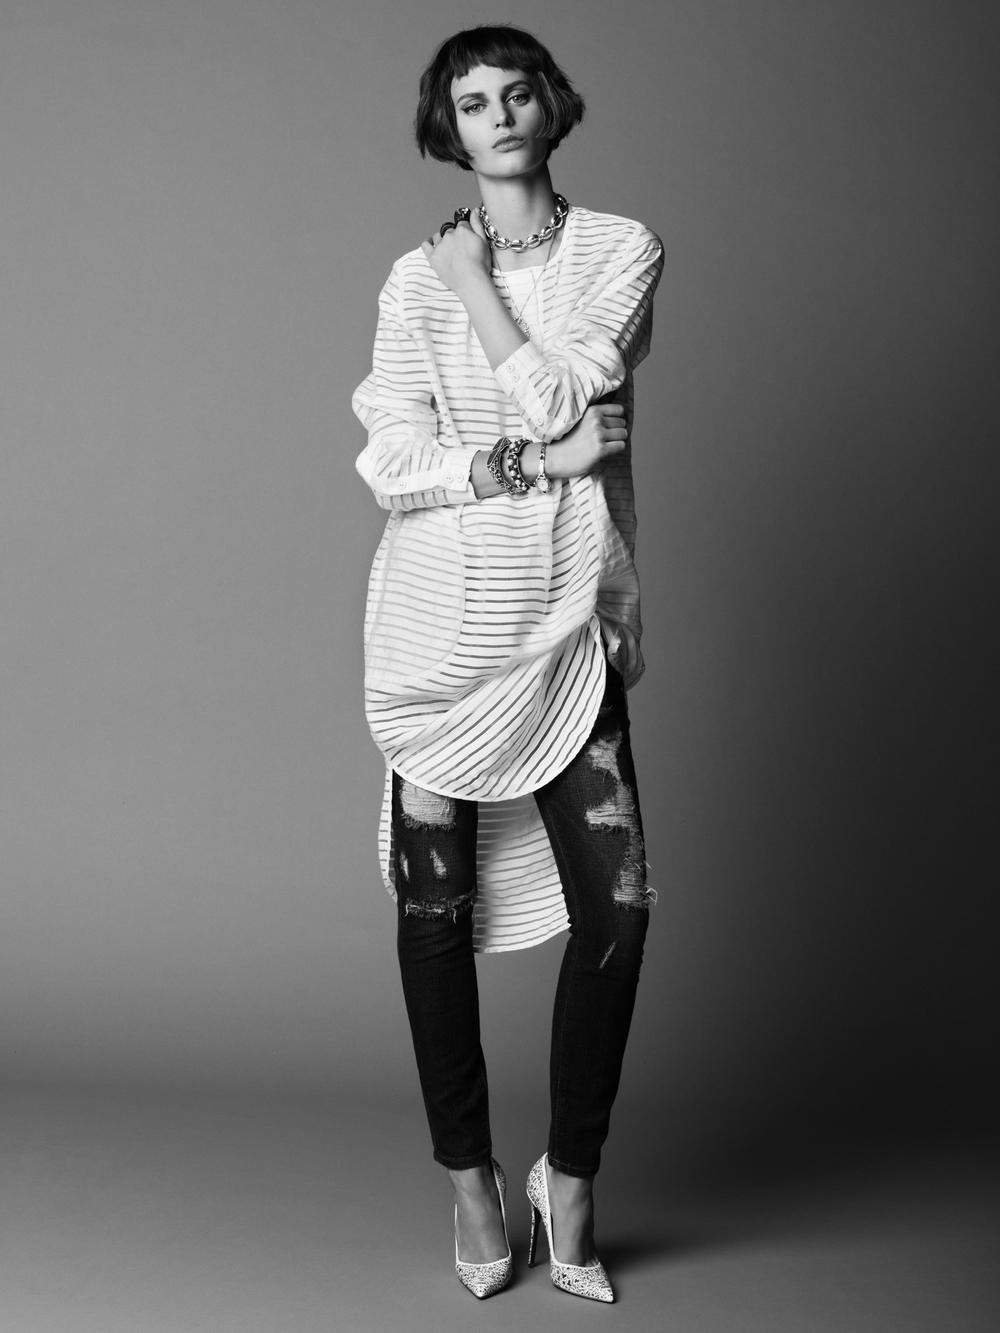 Ellinore-Erichsen-Flaunt-Magazine-9.jpg